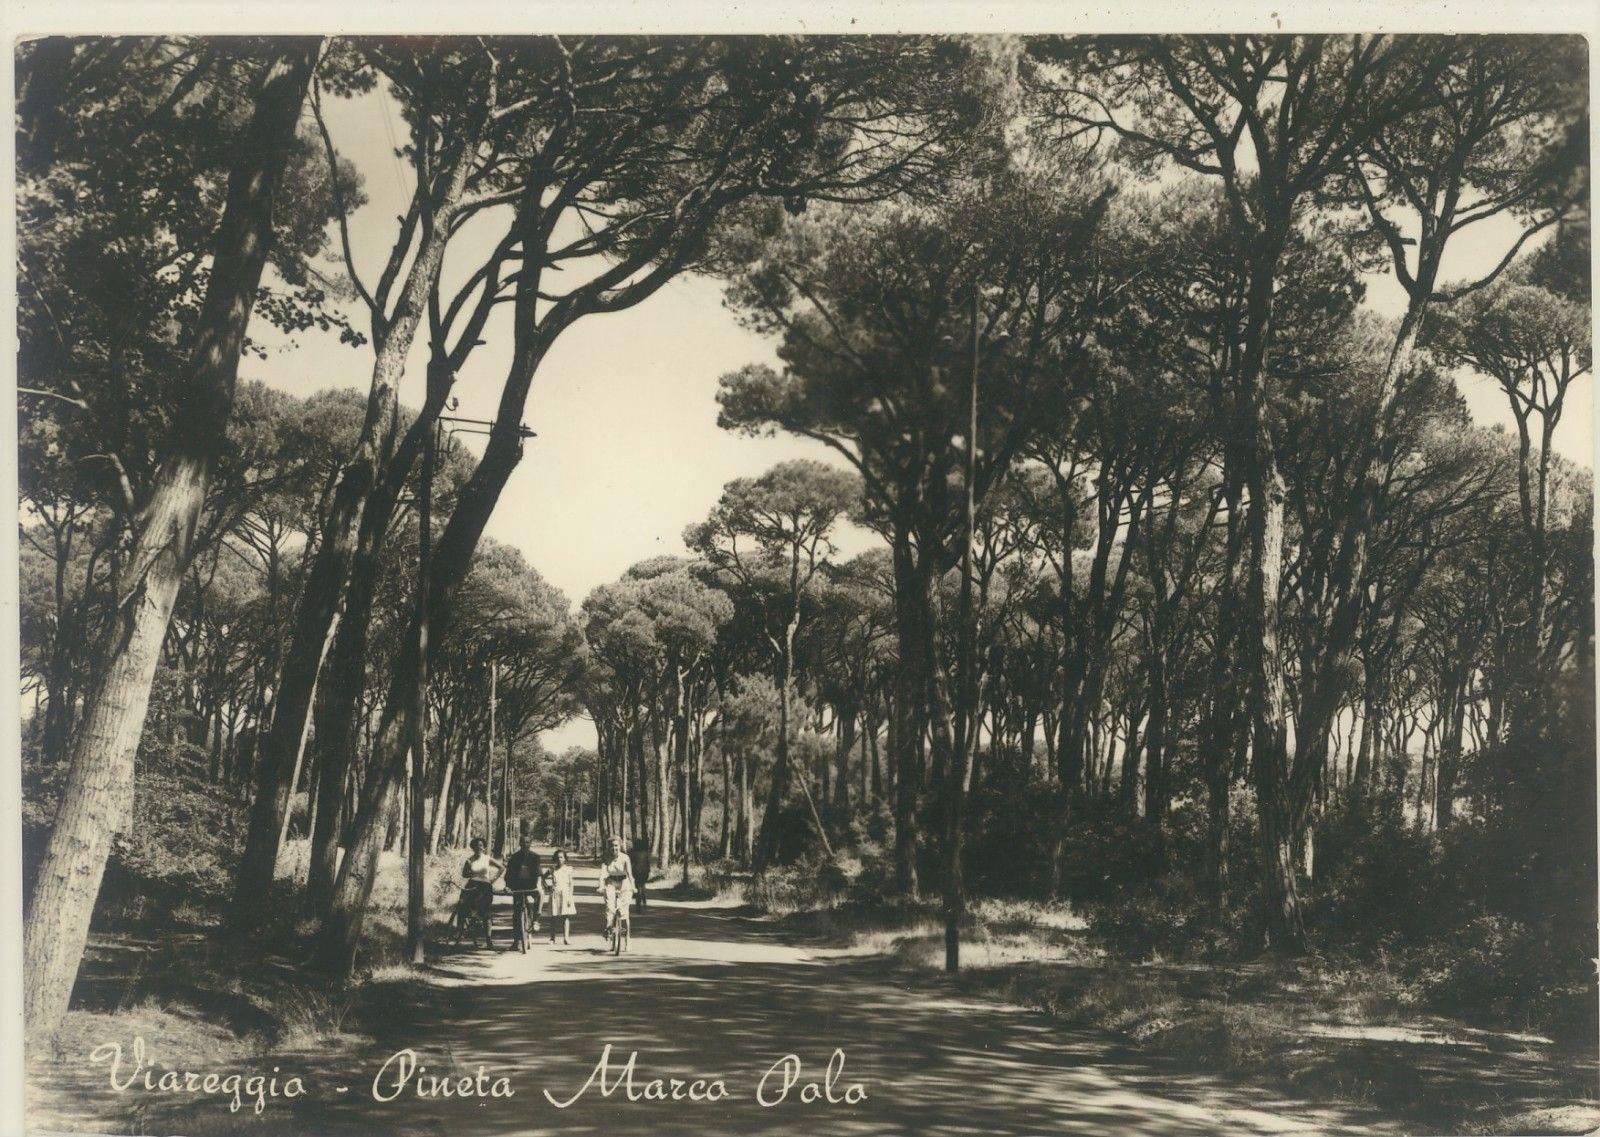 Pineta del Marco Polo negli anni '50